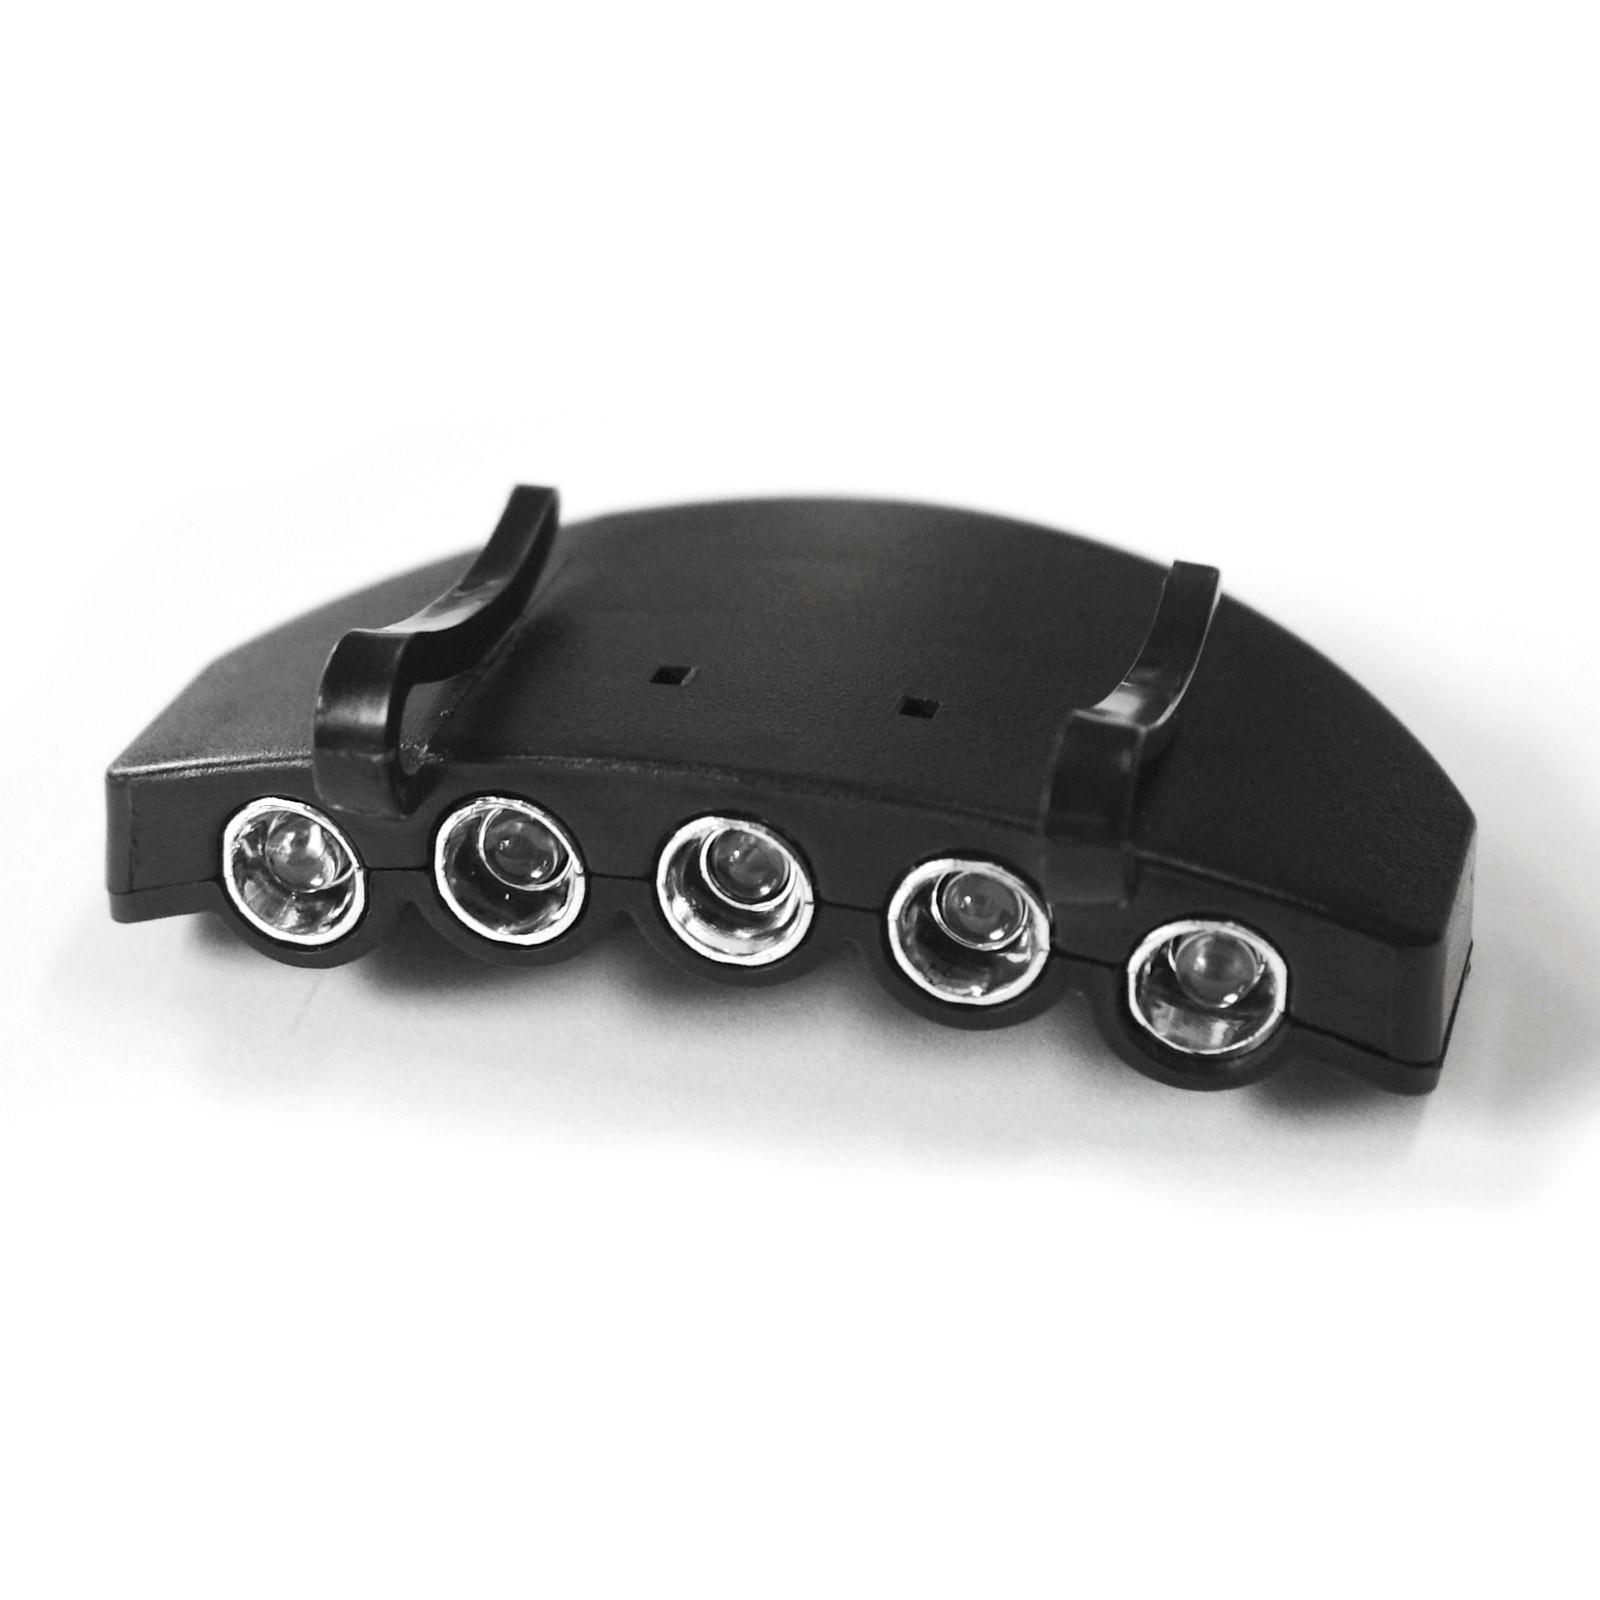 Basecap Schirmmütze Hut Leuchte 5x LED Cap Light Dauer/Blinken, Beleuchtung für Schildmützen Schildkappen Mützen Caps , 4031765302197, 917451